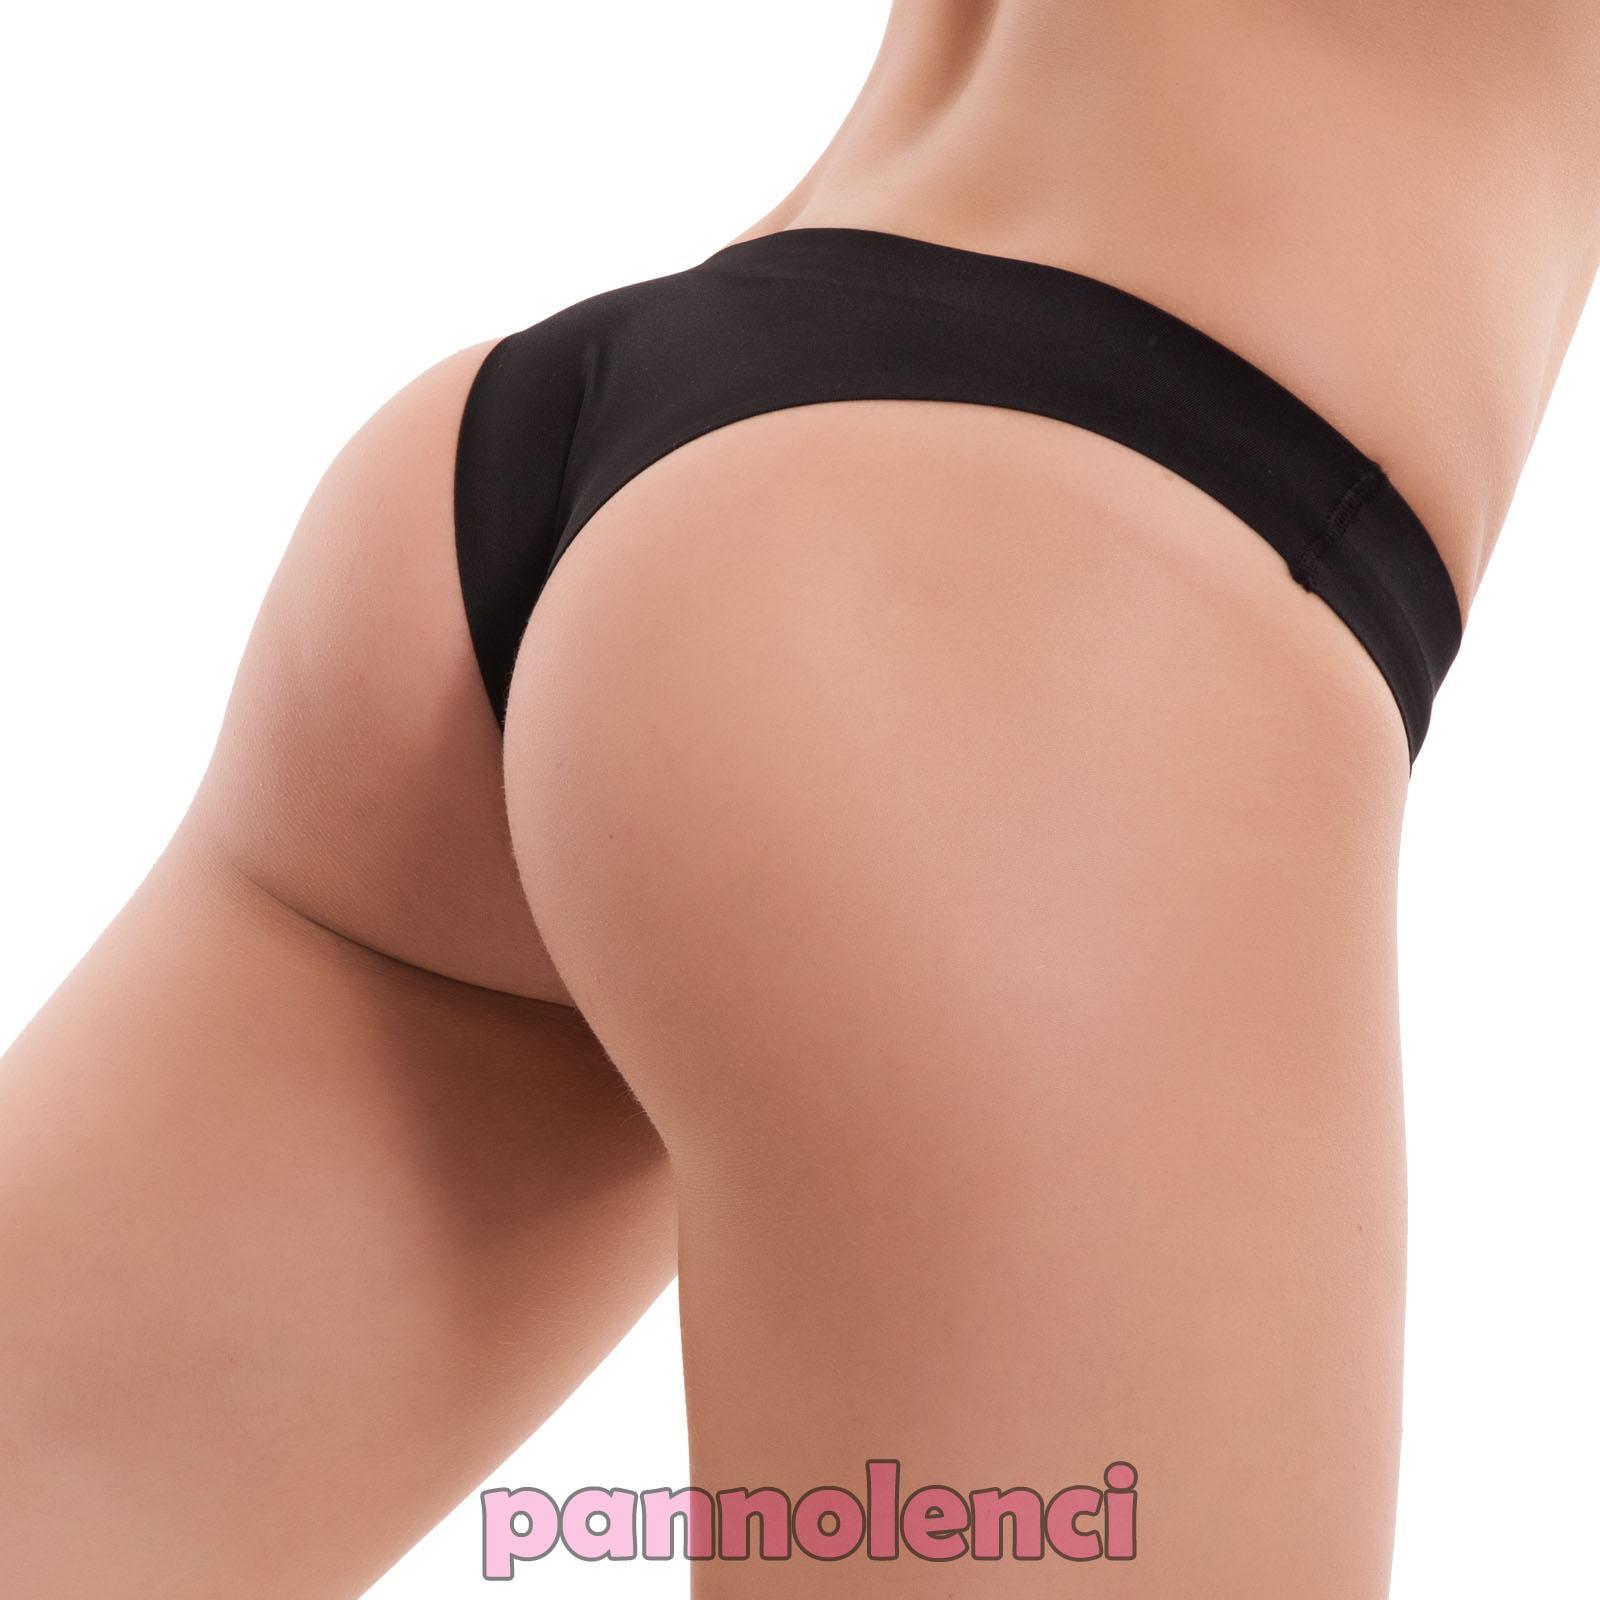 grande vendita scarpe da ginnastica i più votati più recenti Dettagli su Slip donna brasiliana perizoma liscio basic intimo lingerie no  segni nuovi HC-02